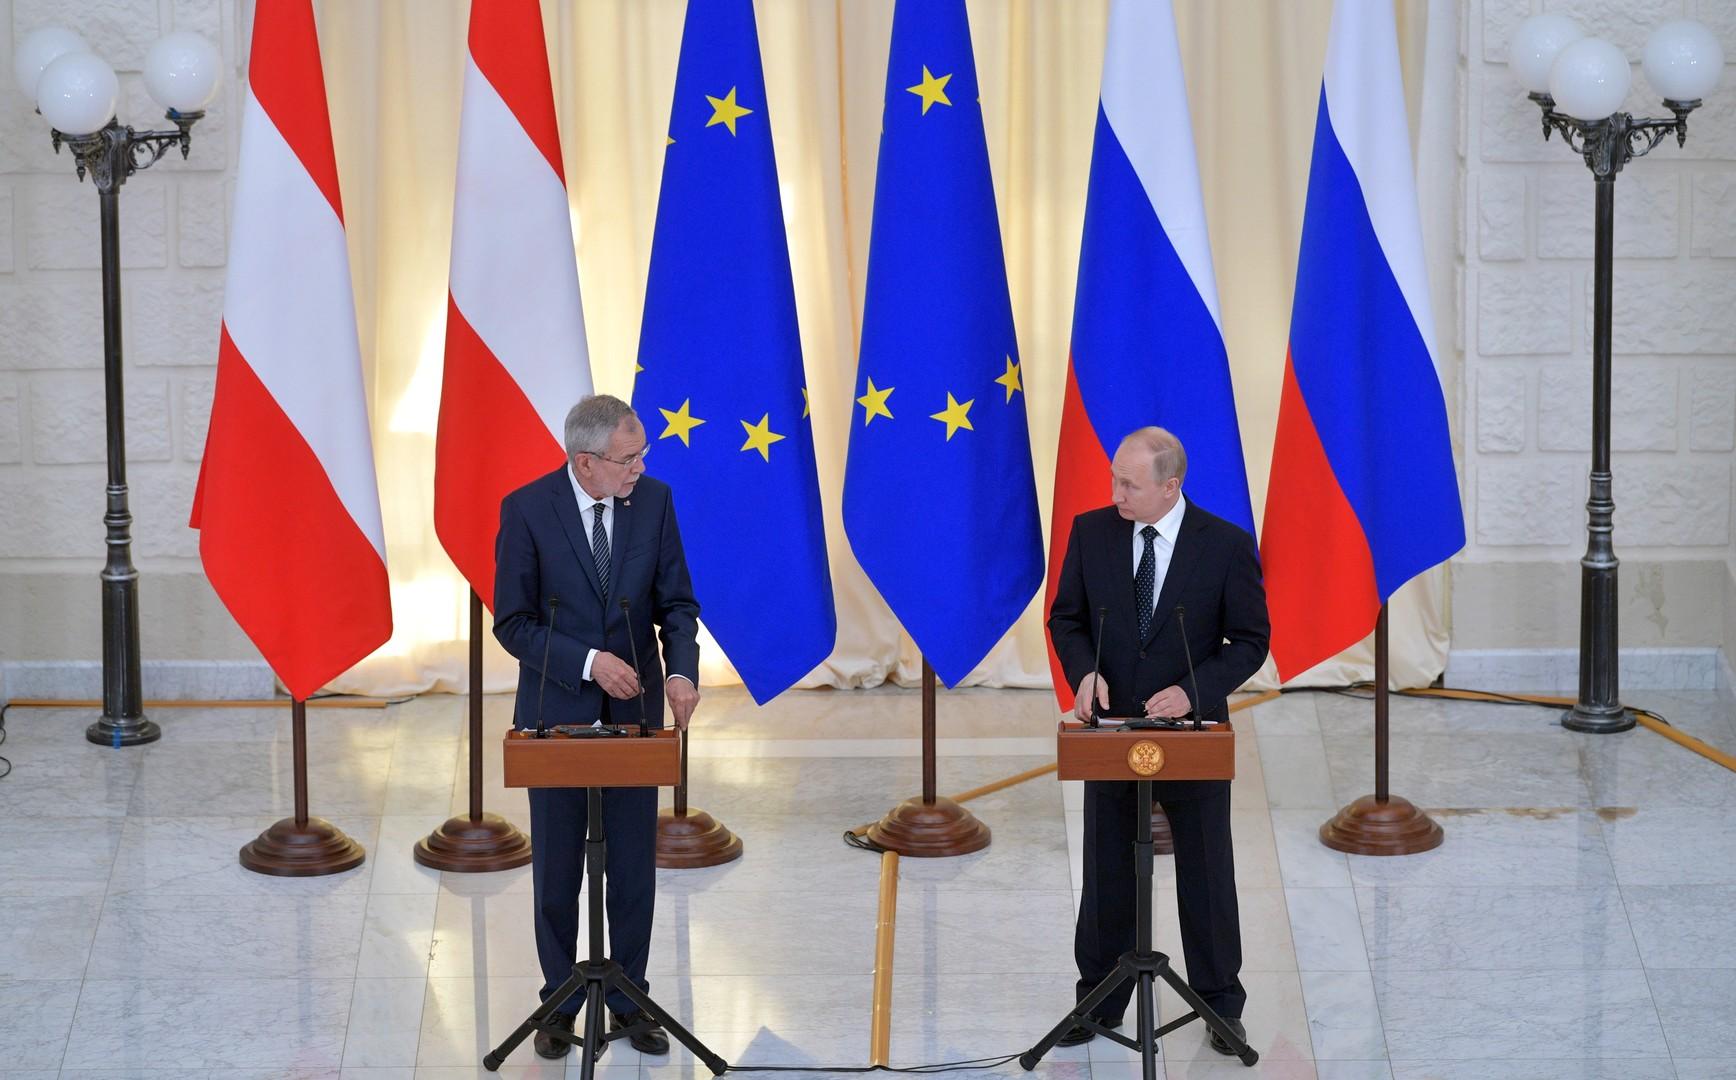 الرئيس الروسي فلاديمير بوتين ونظيره النمساوي ألكسندر فان دير بيلن